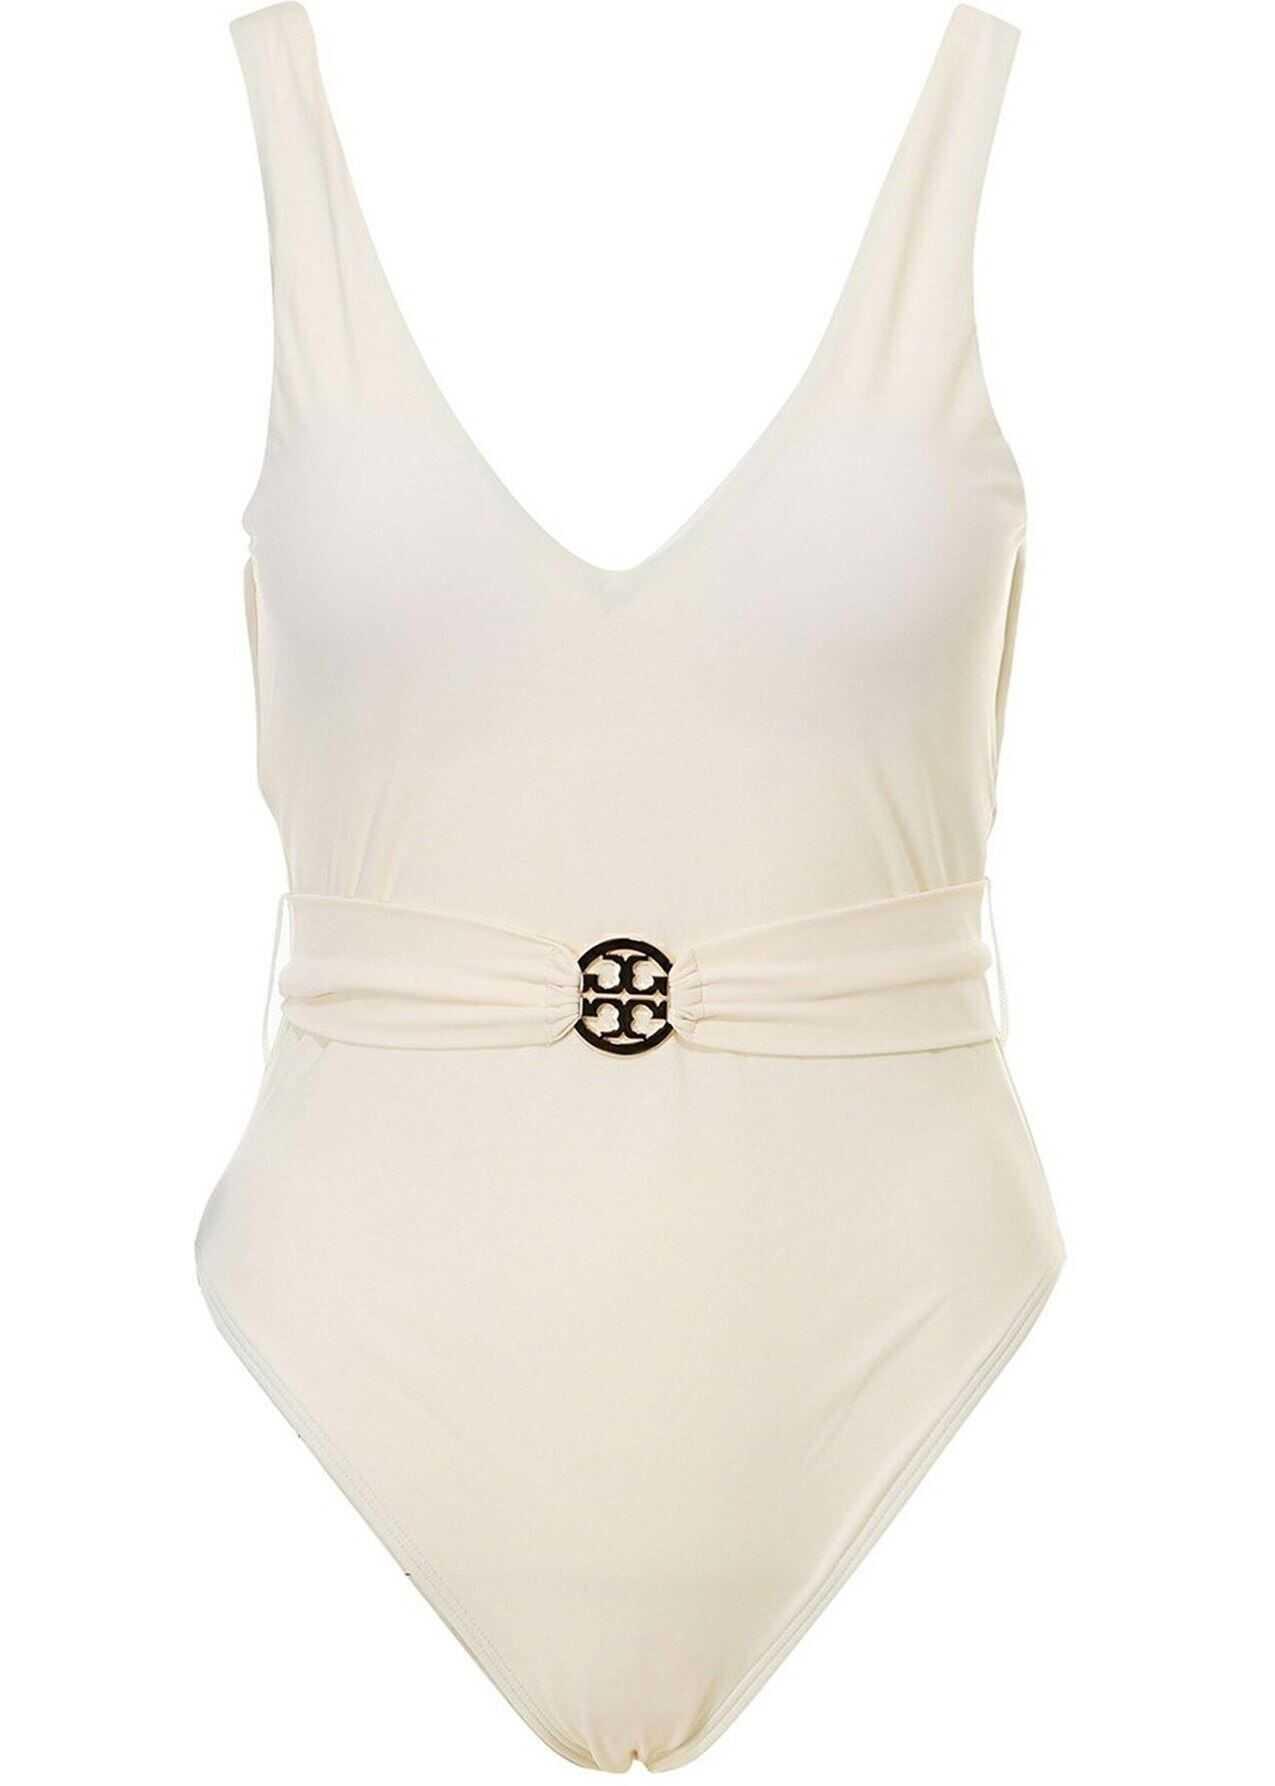 Tory Burch Belted One-Piece Swimsuit In Beige Beige